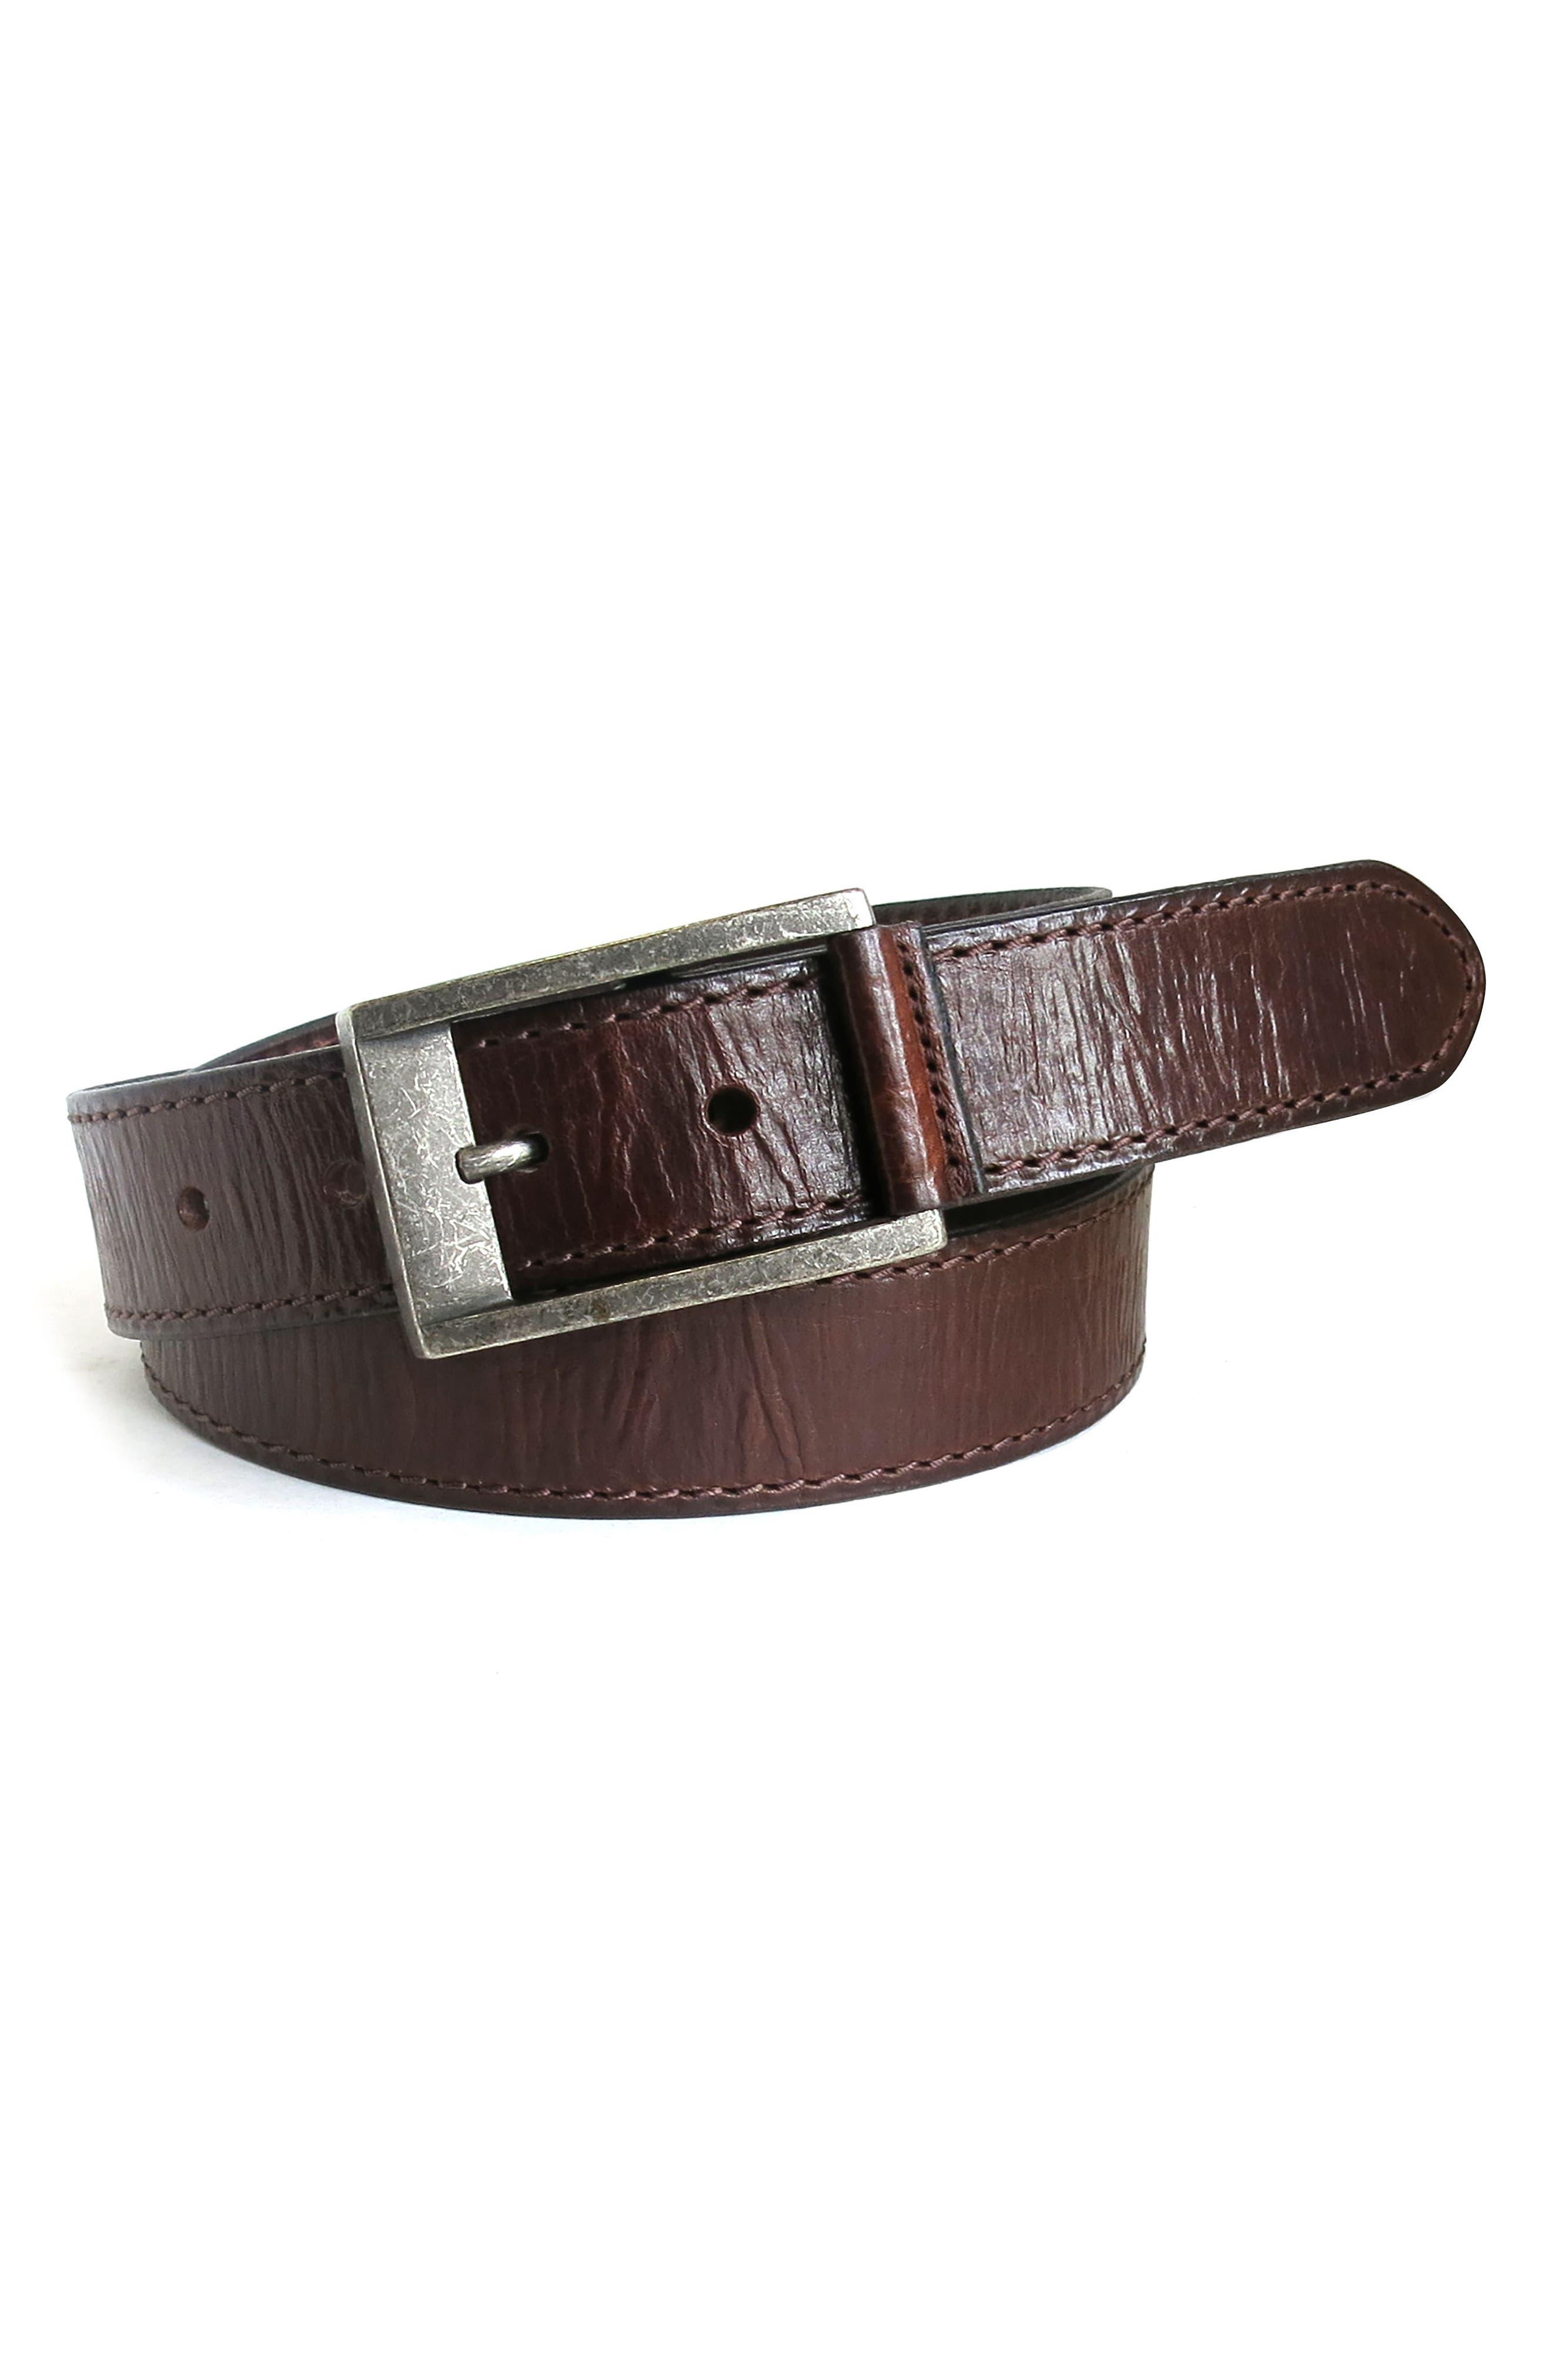 BOCONI,                             Burnished Calfskin Leather Belt,                             Alternate thumbnail 3, color,                             CHESTNUT